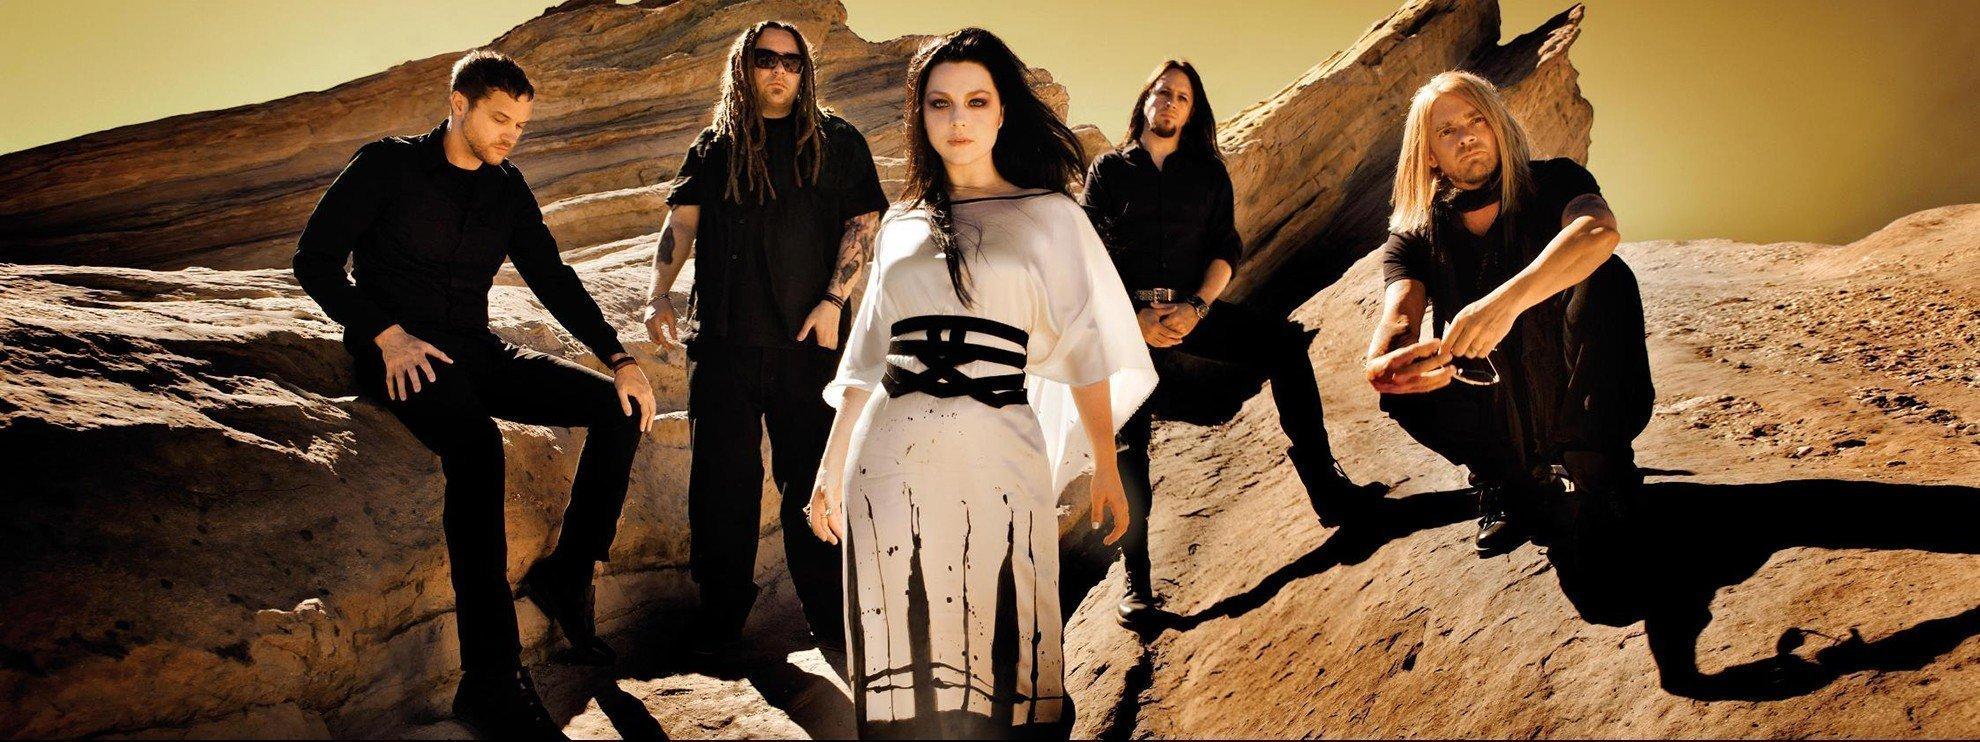 исполнитель Evanescence (Ивэнеснс)